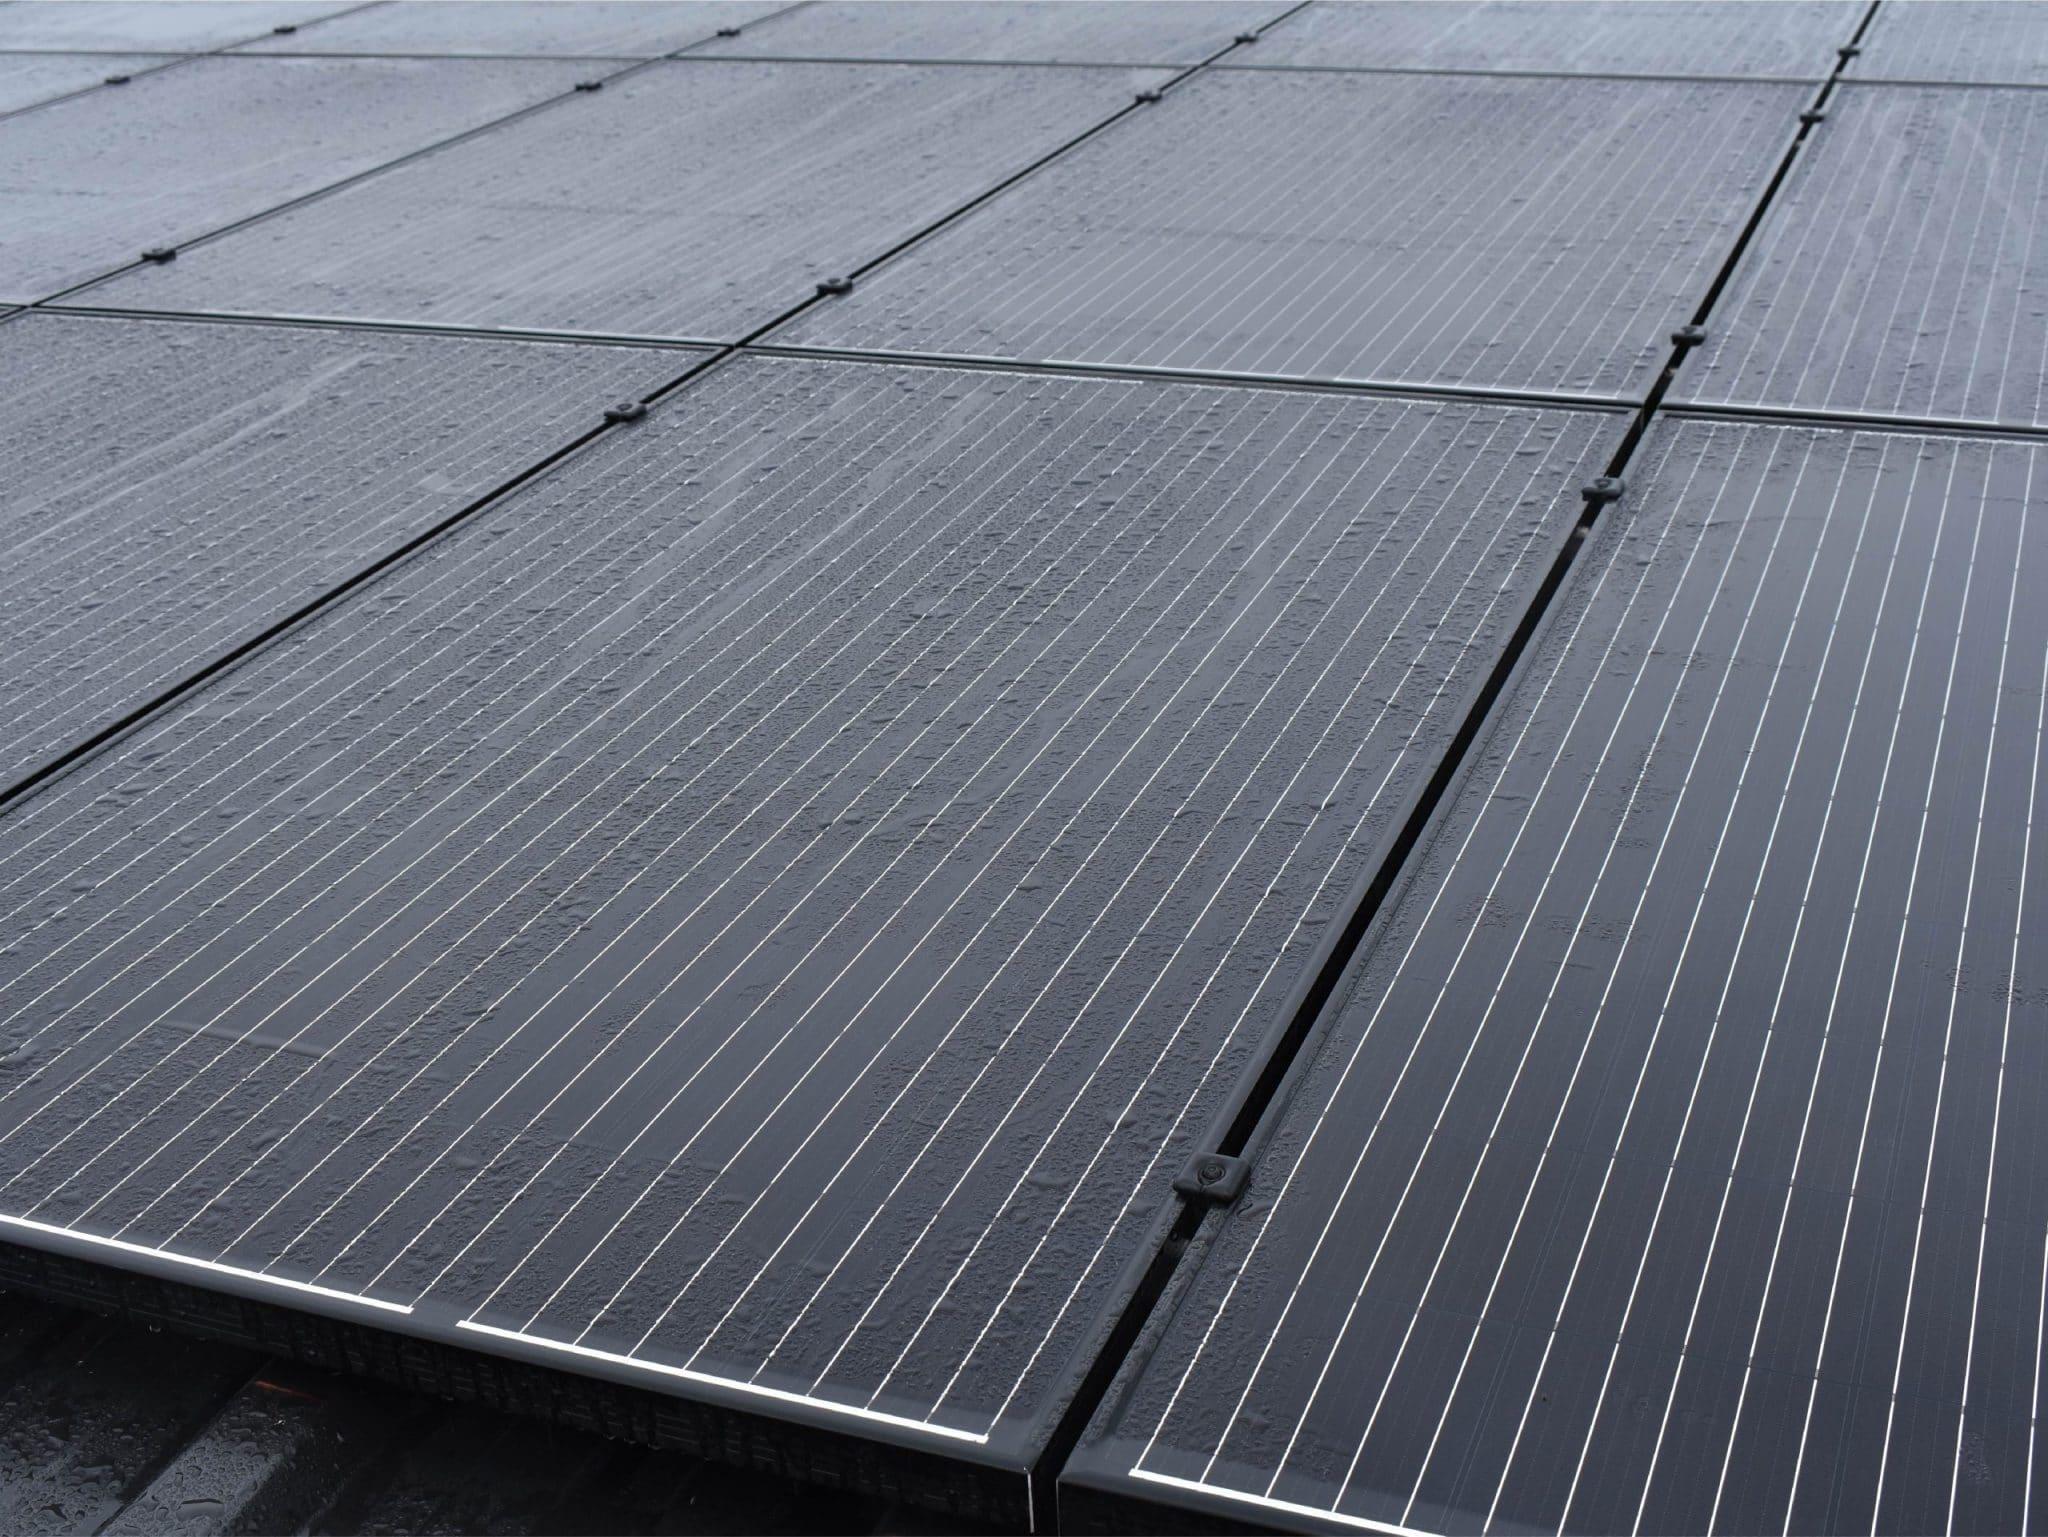 Duurzaam bouwen met zonnepanelen